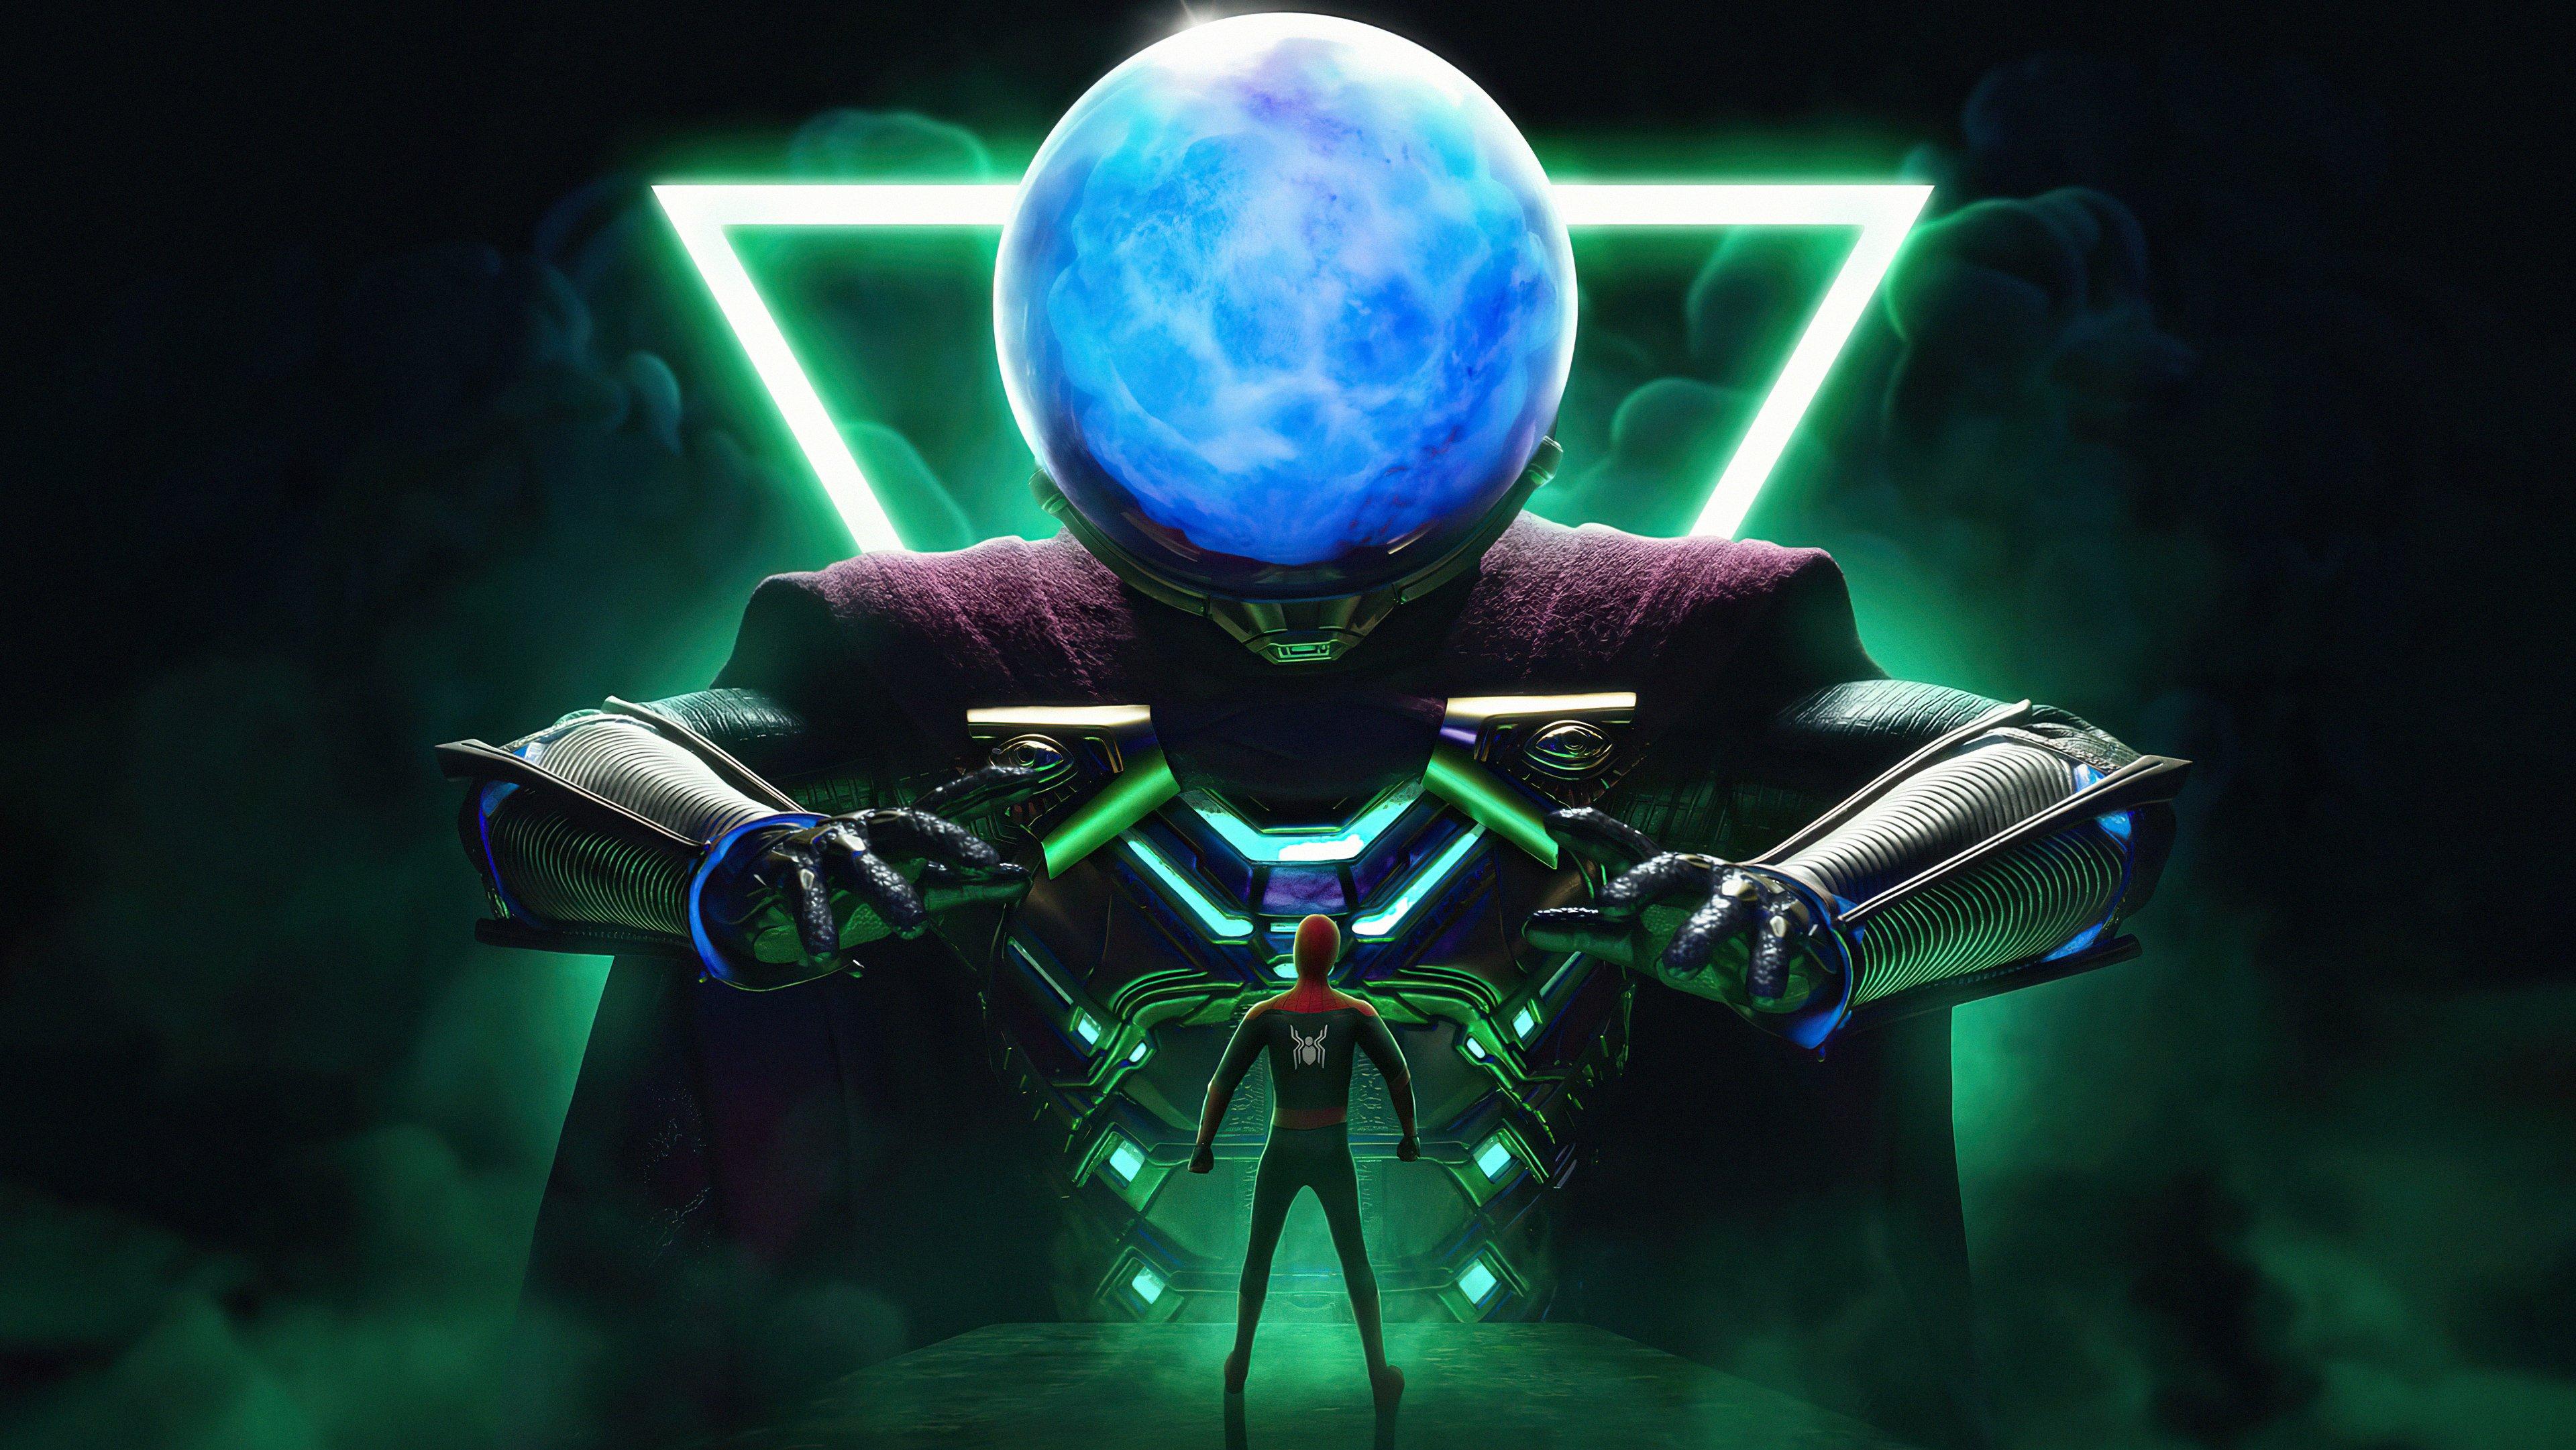 Fondos de pantalla Mysterio y Spider Man Fan Art